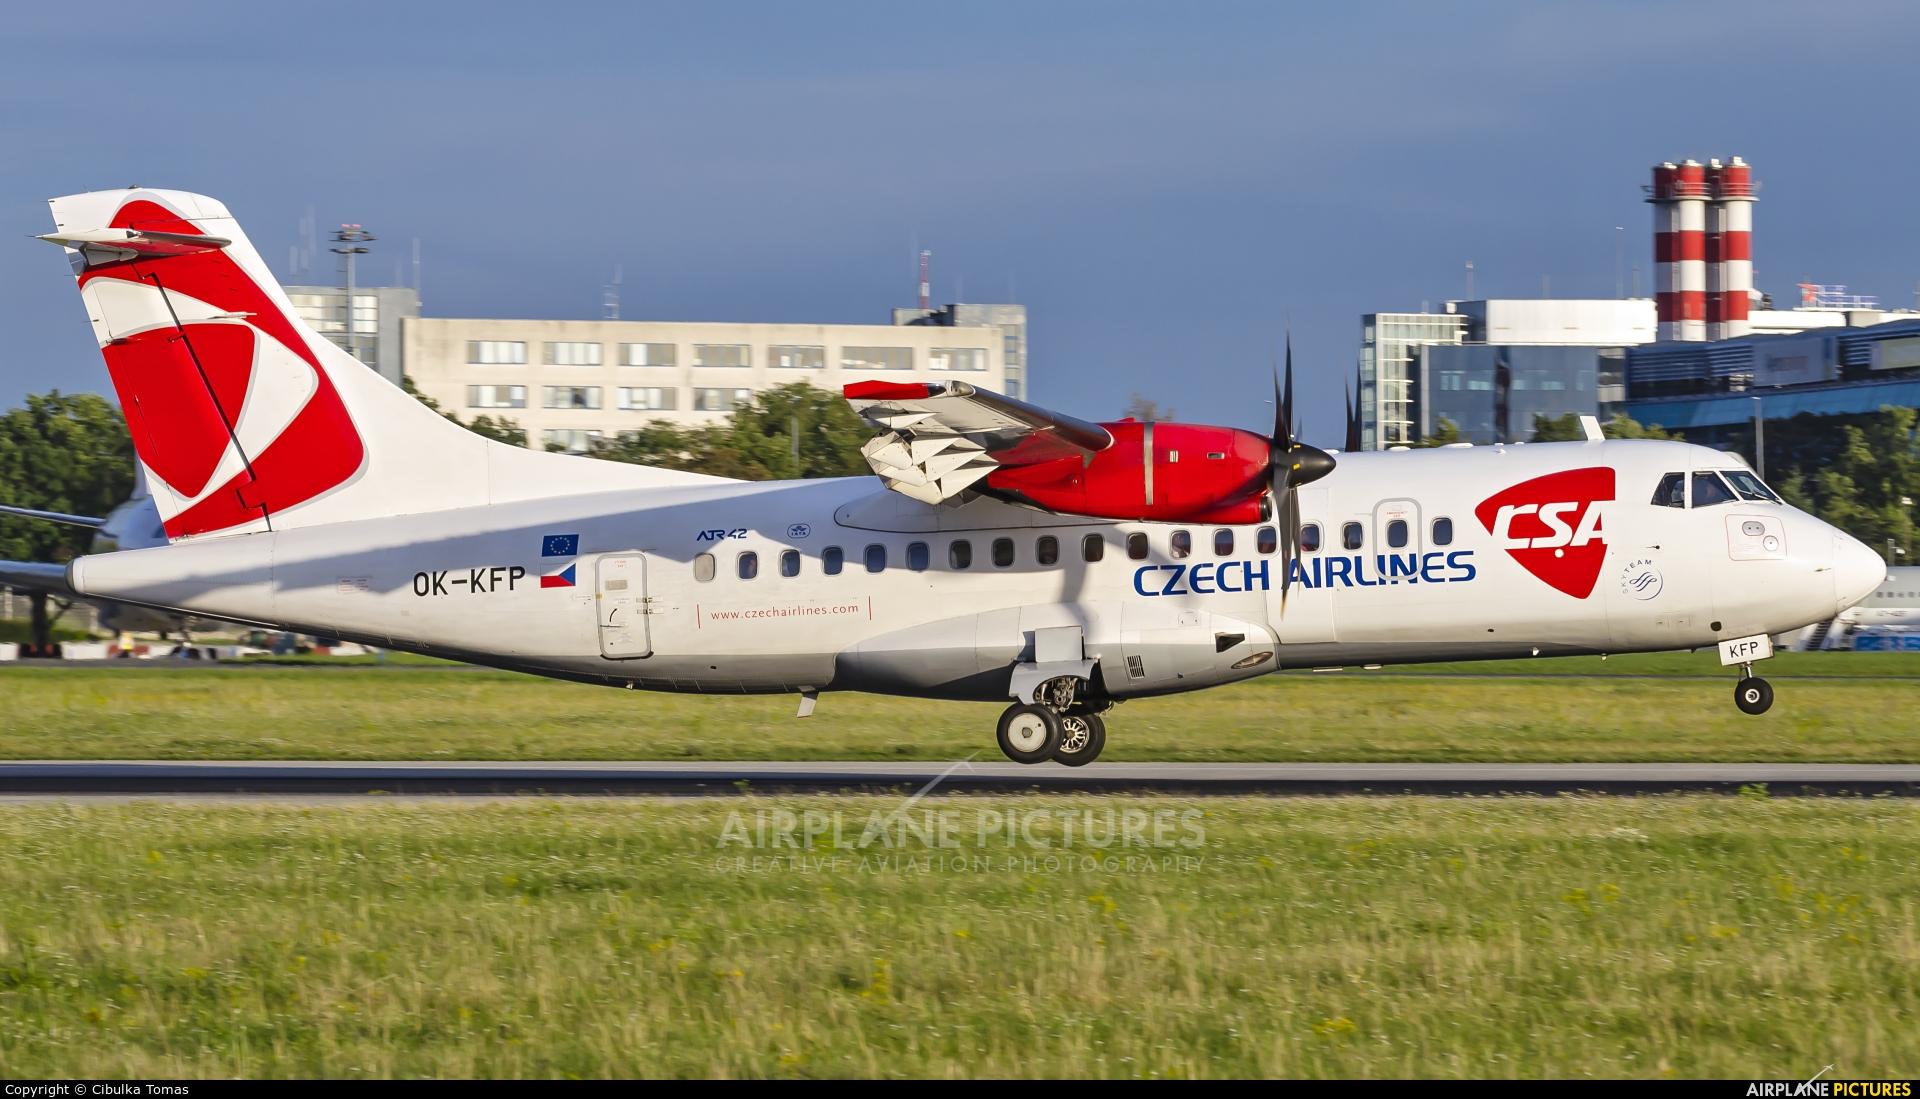 CSA - Czech Airlines OK-KFP aircraft at Prague - Václav Havel